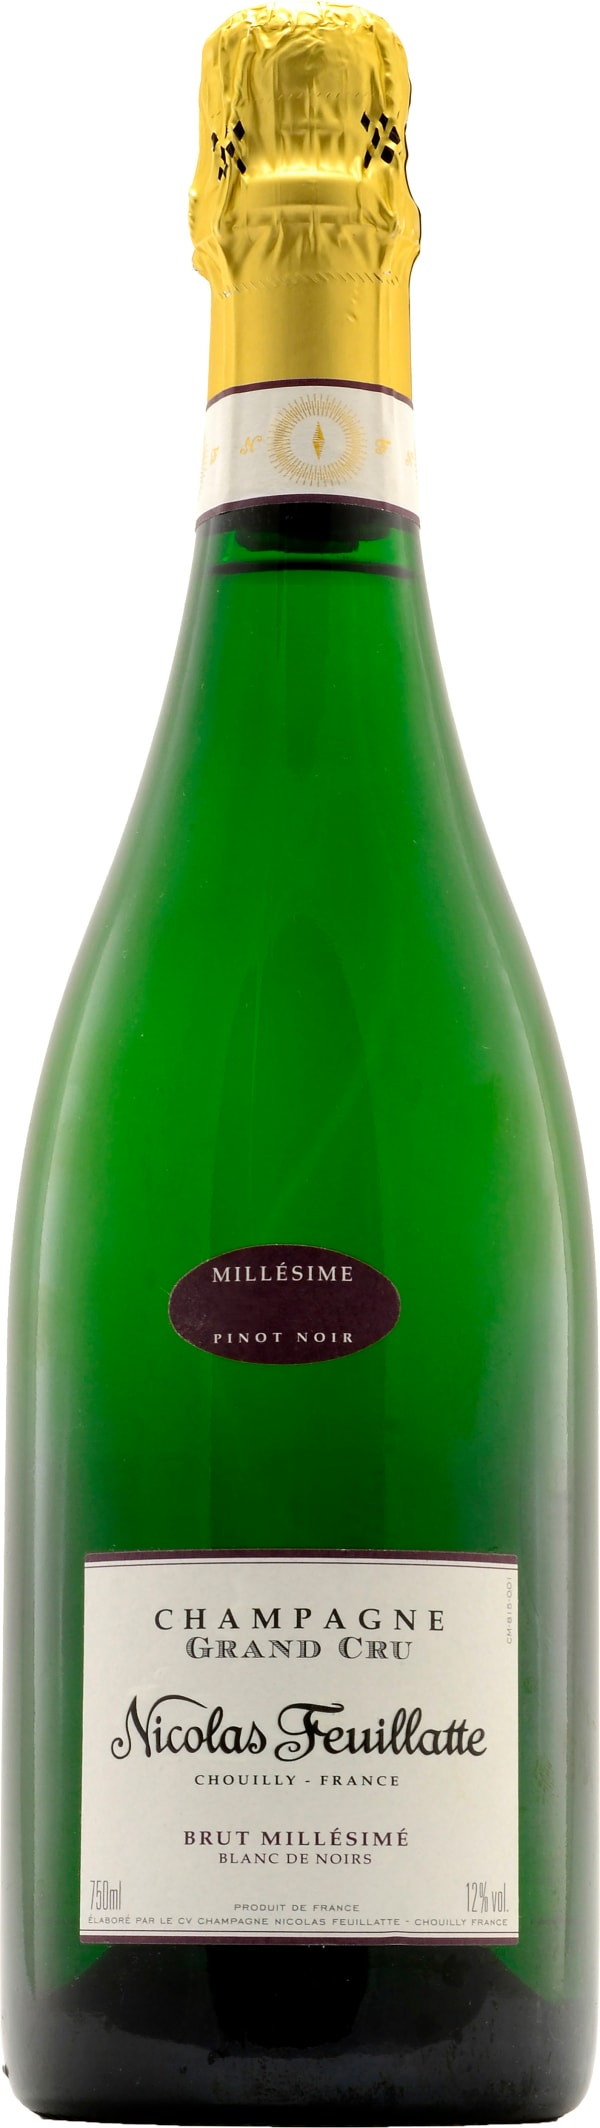 Nicolas Feuillatte Grand Cru Blanc de Noirs Champagne Brut 2008